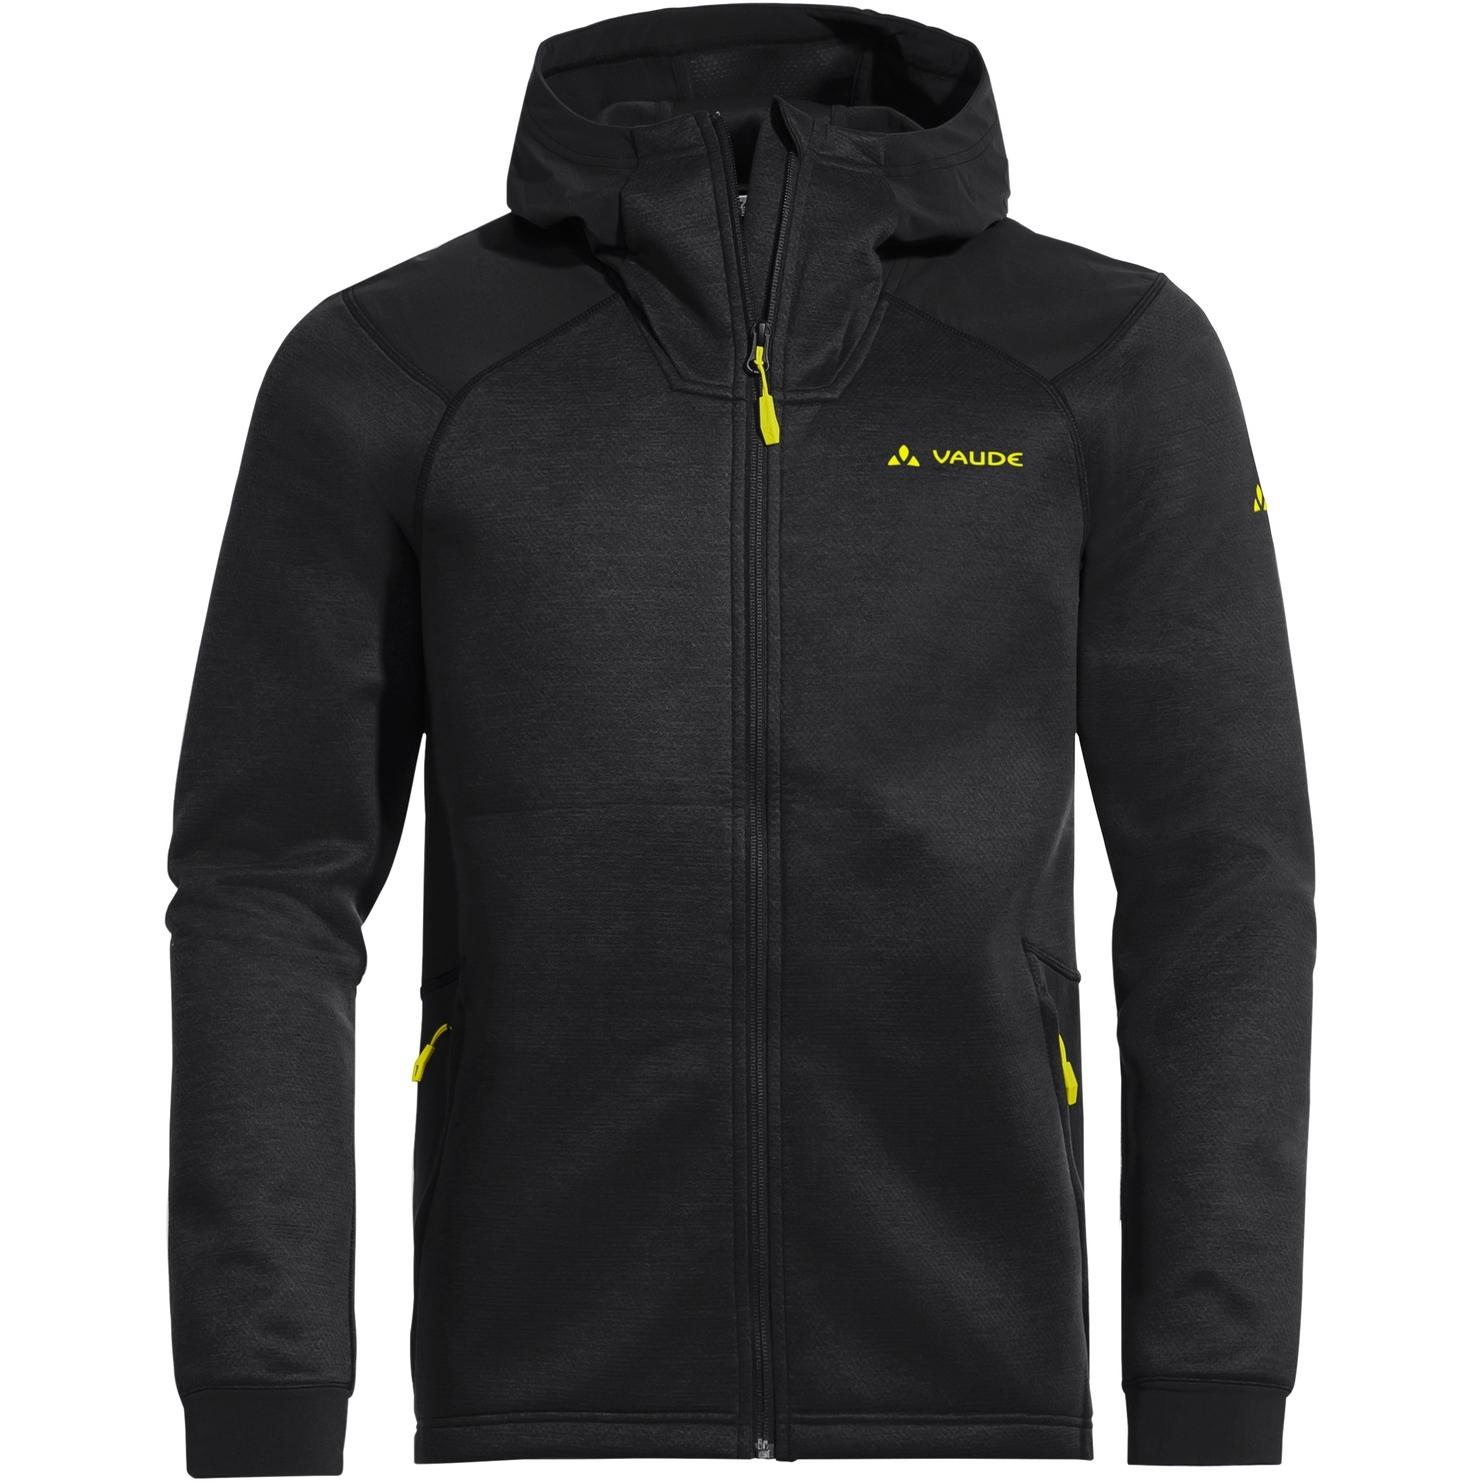 Vaude Men's Minaki Hooded Jacket - black